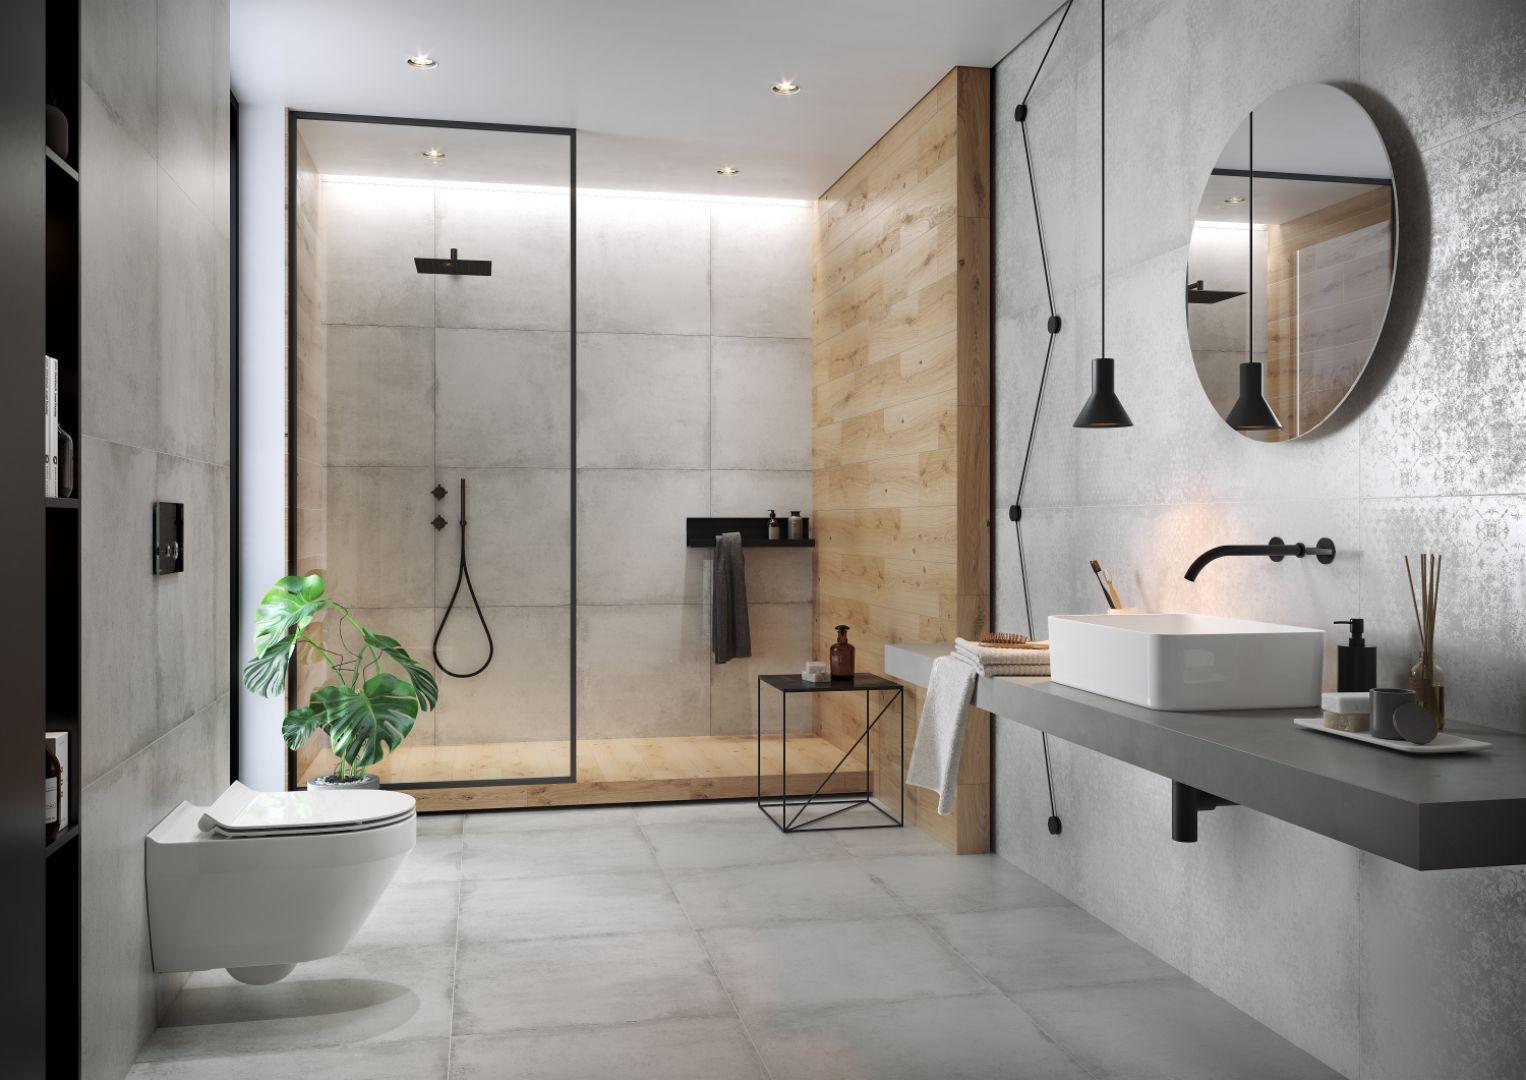 Płytki do łazienki z kolekcji Stormy pięknie imitujące beton. Dostępne w ofercie firmy Cersanit. Fot. Cersanit